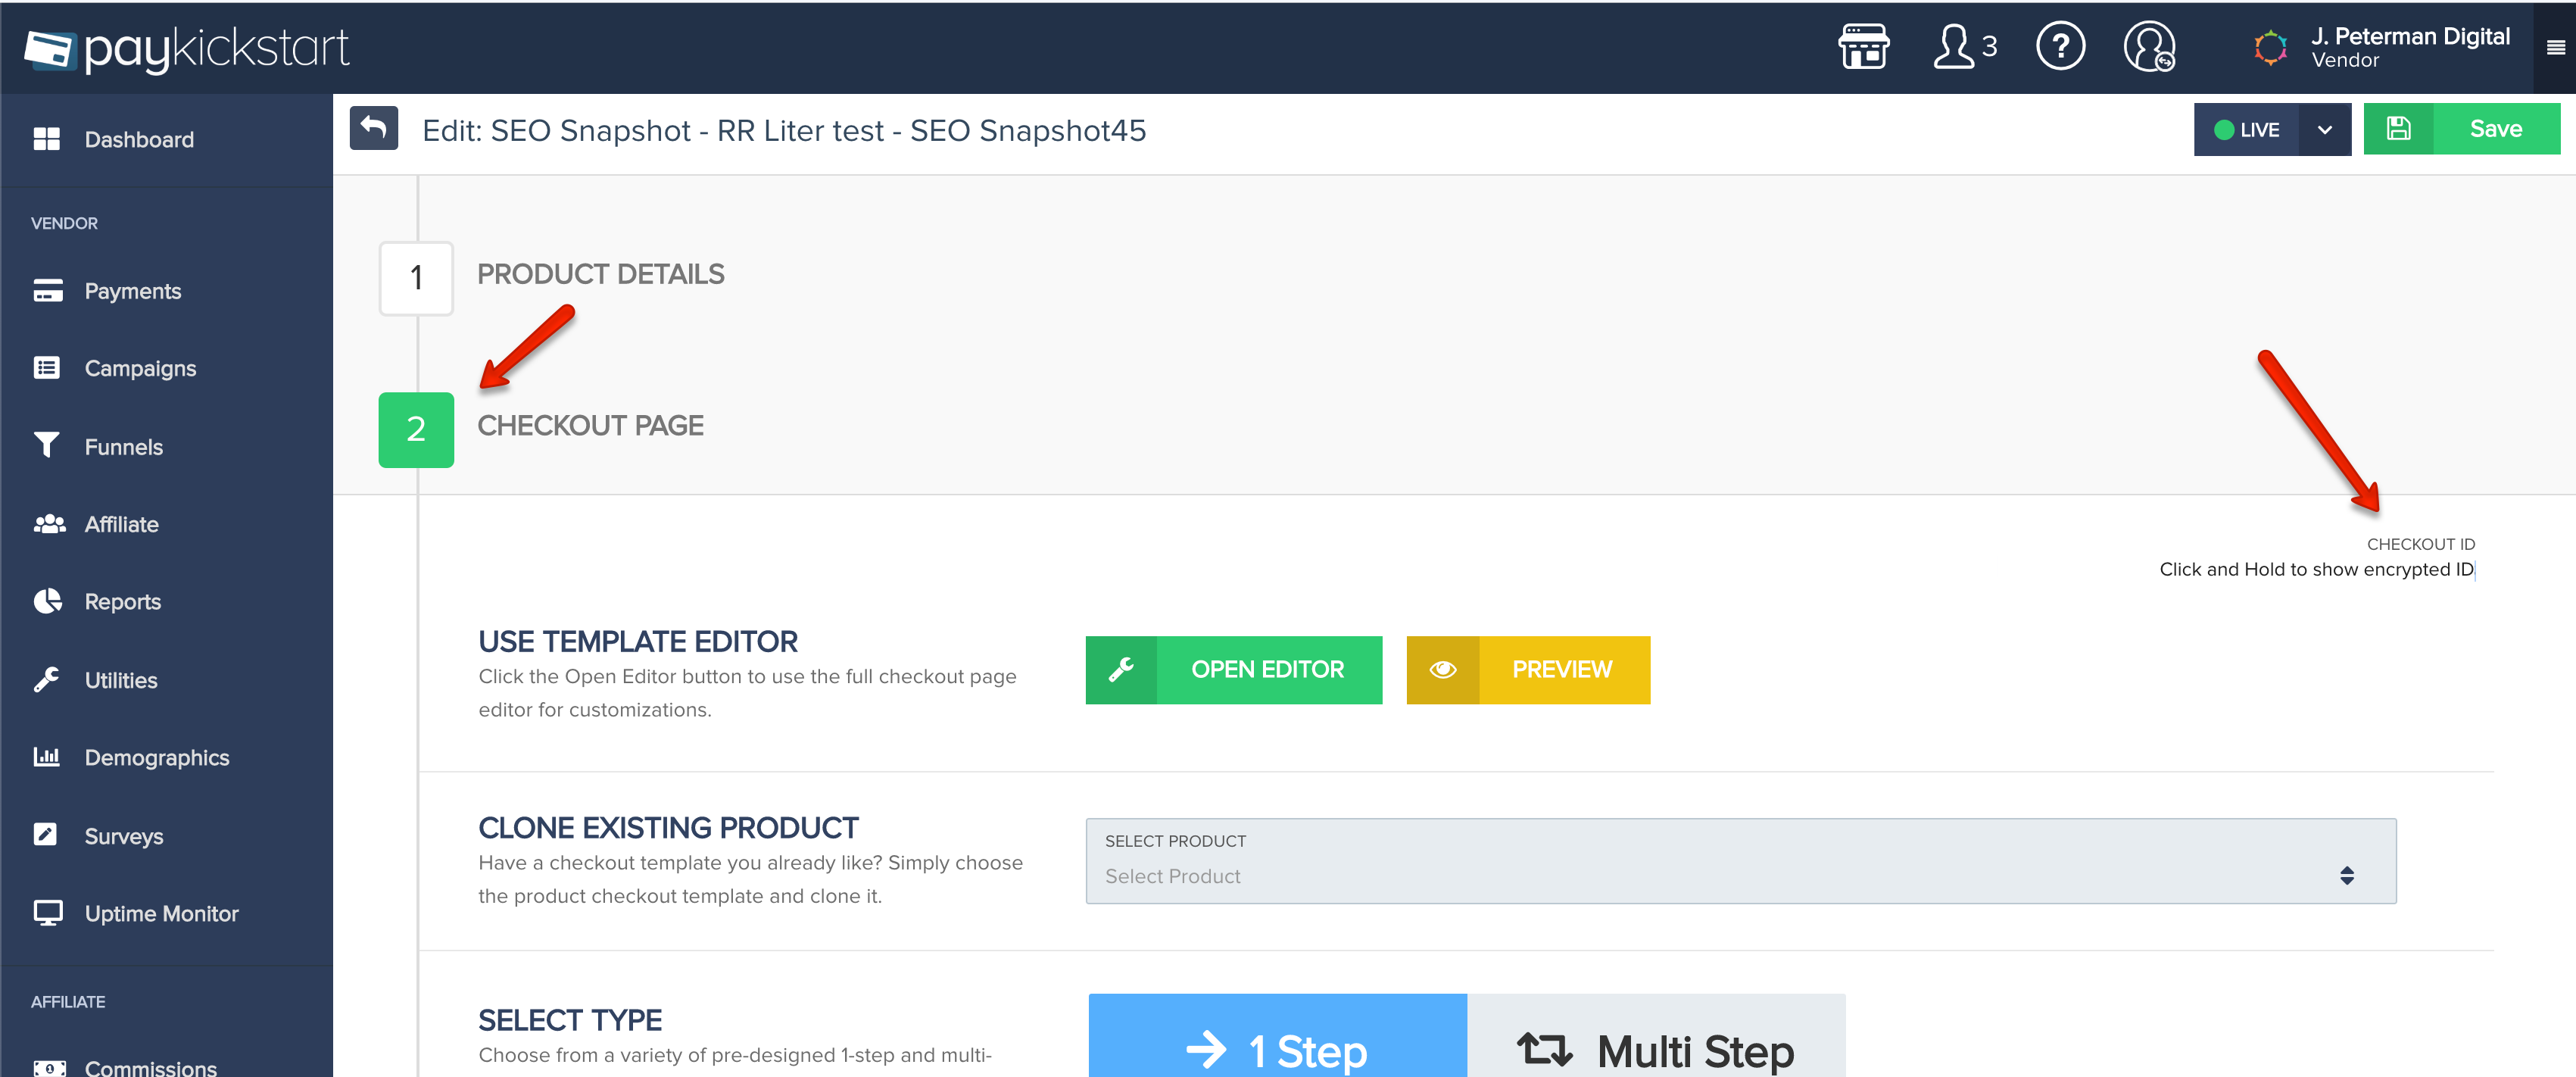 PayKickstart Software - PayKickstart checkout page